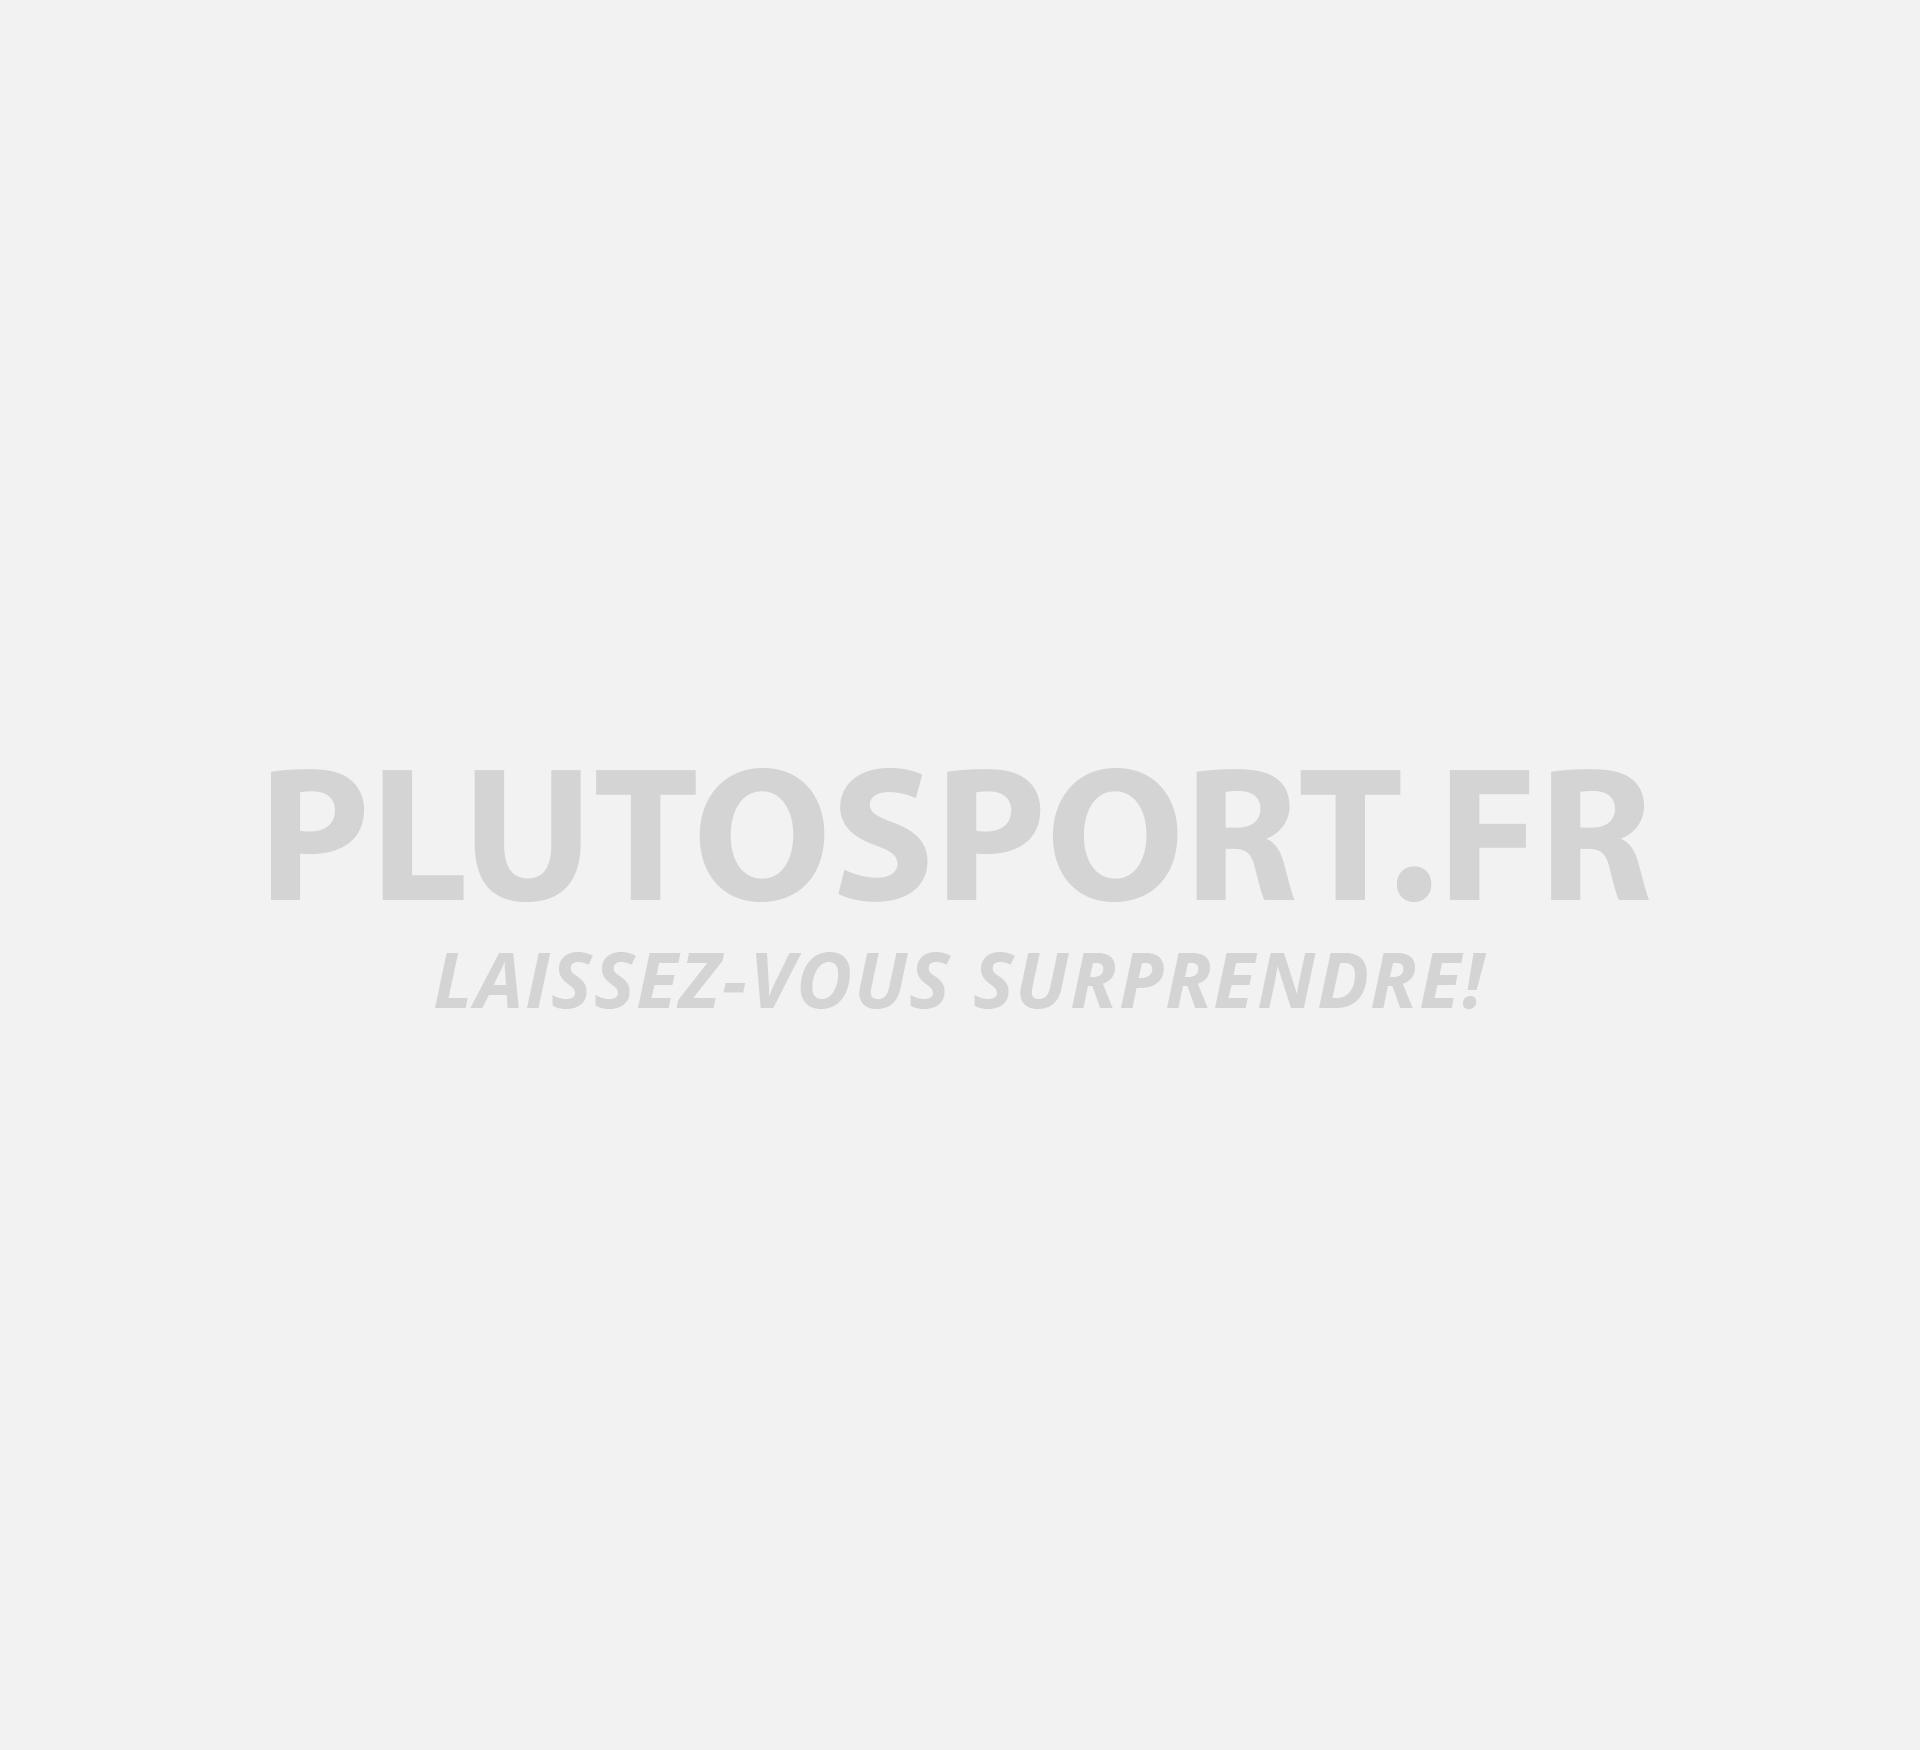 c21bdf9cac Adidas Tiro Teambag S, Sac de sport - Avec compartiment pour ...